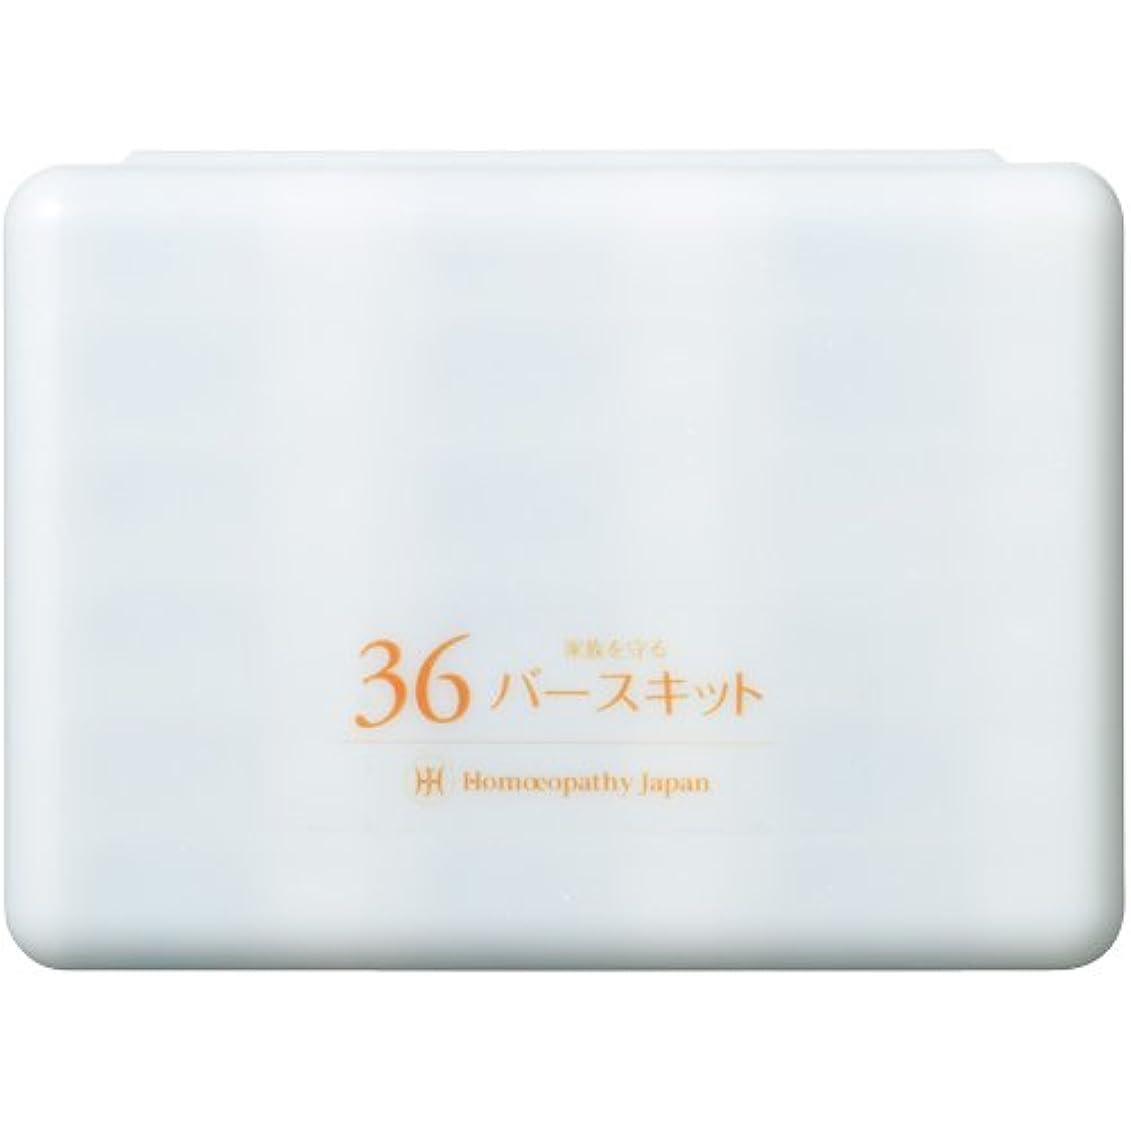 駐地乙女届けるホメオパシージャパンレメディー 36バースキット